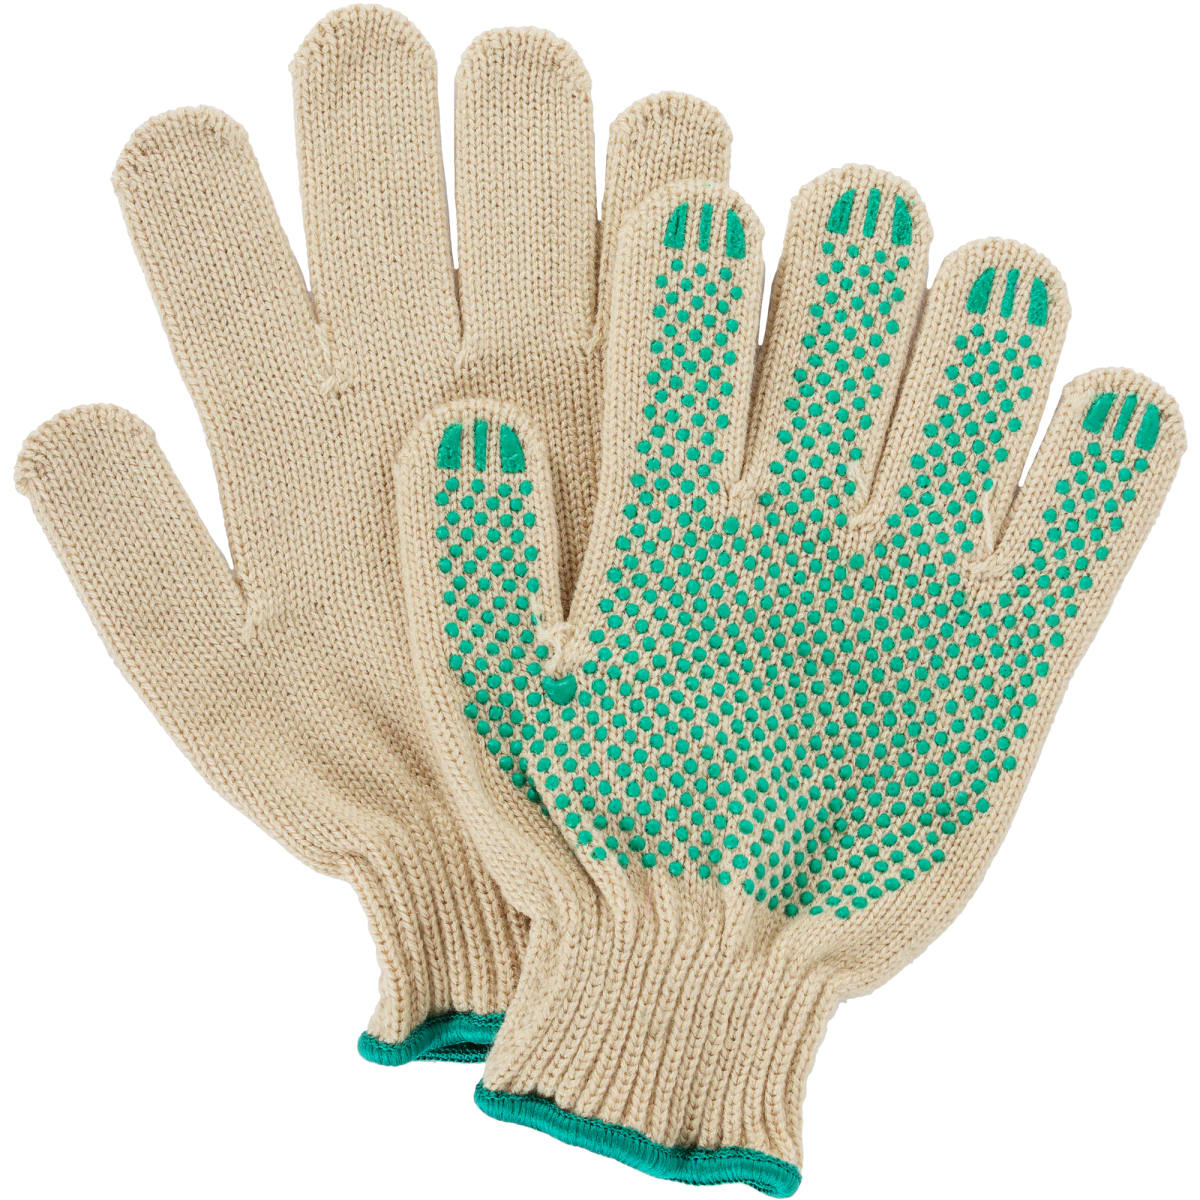 Перчатки для зимних садовых работ, размер 10